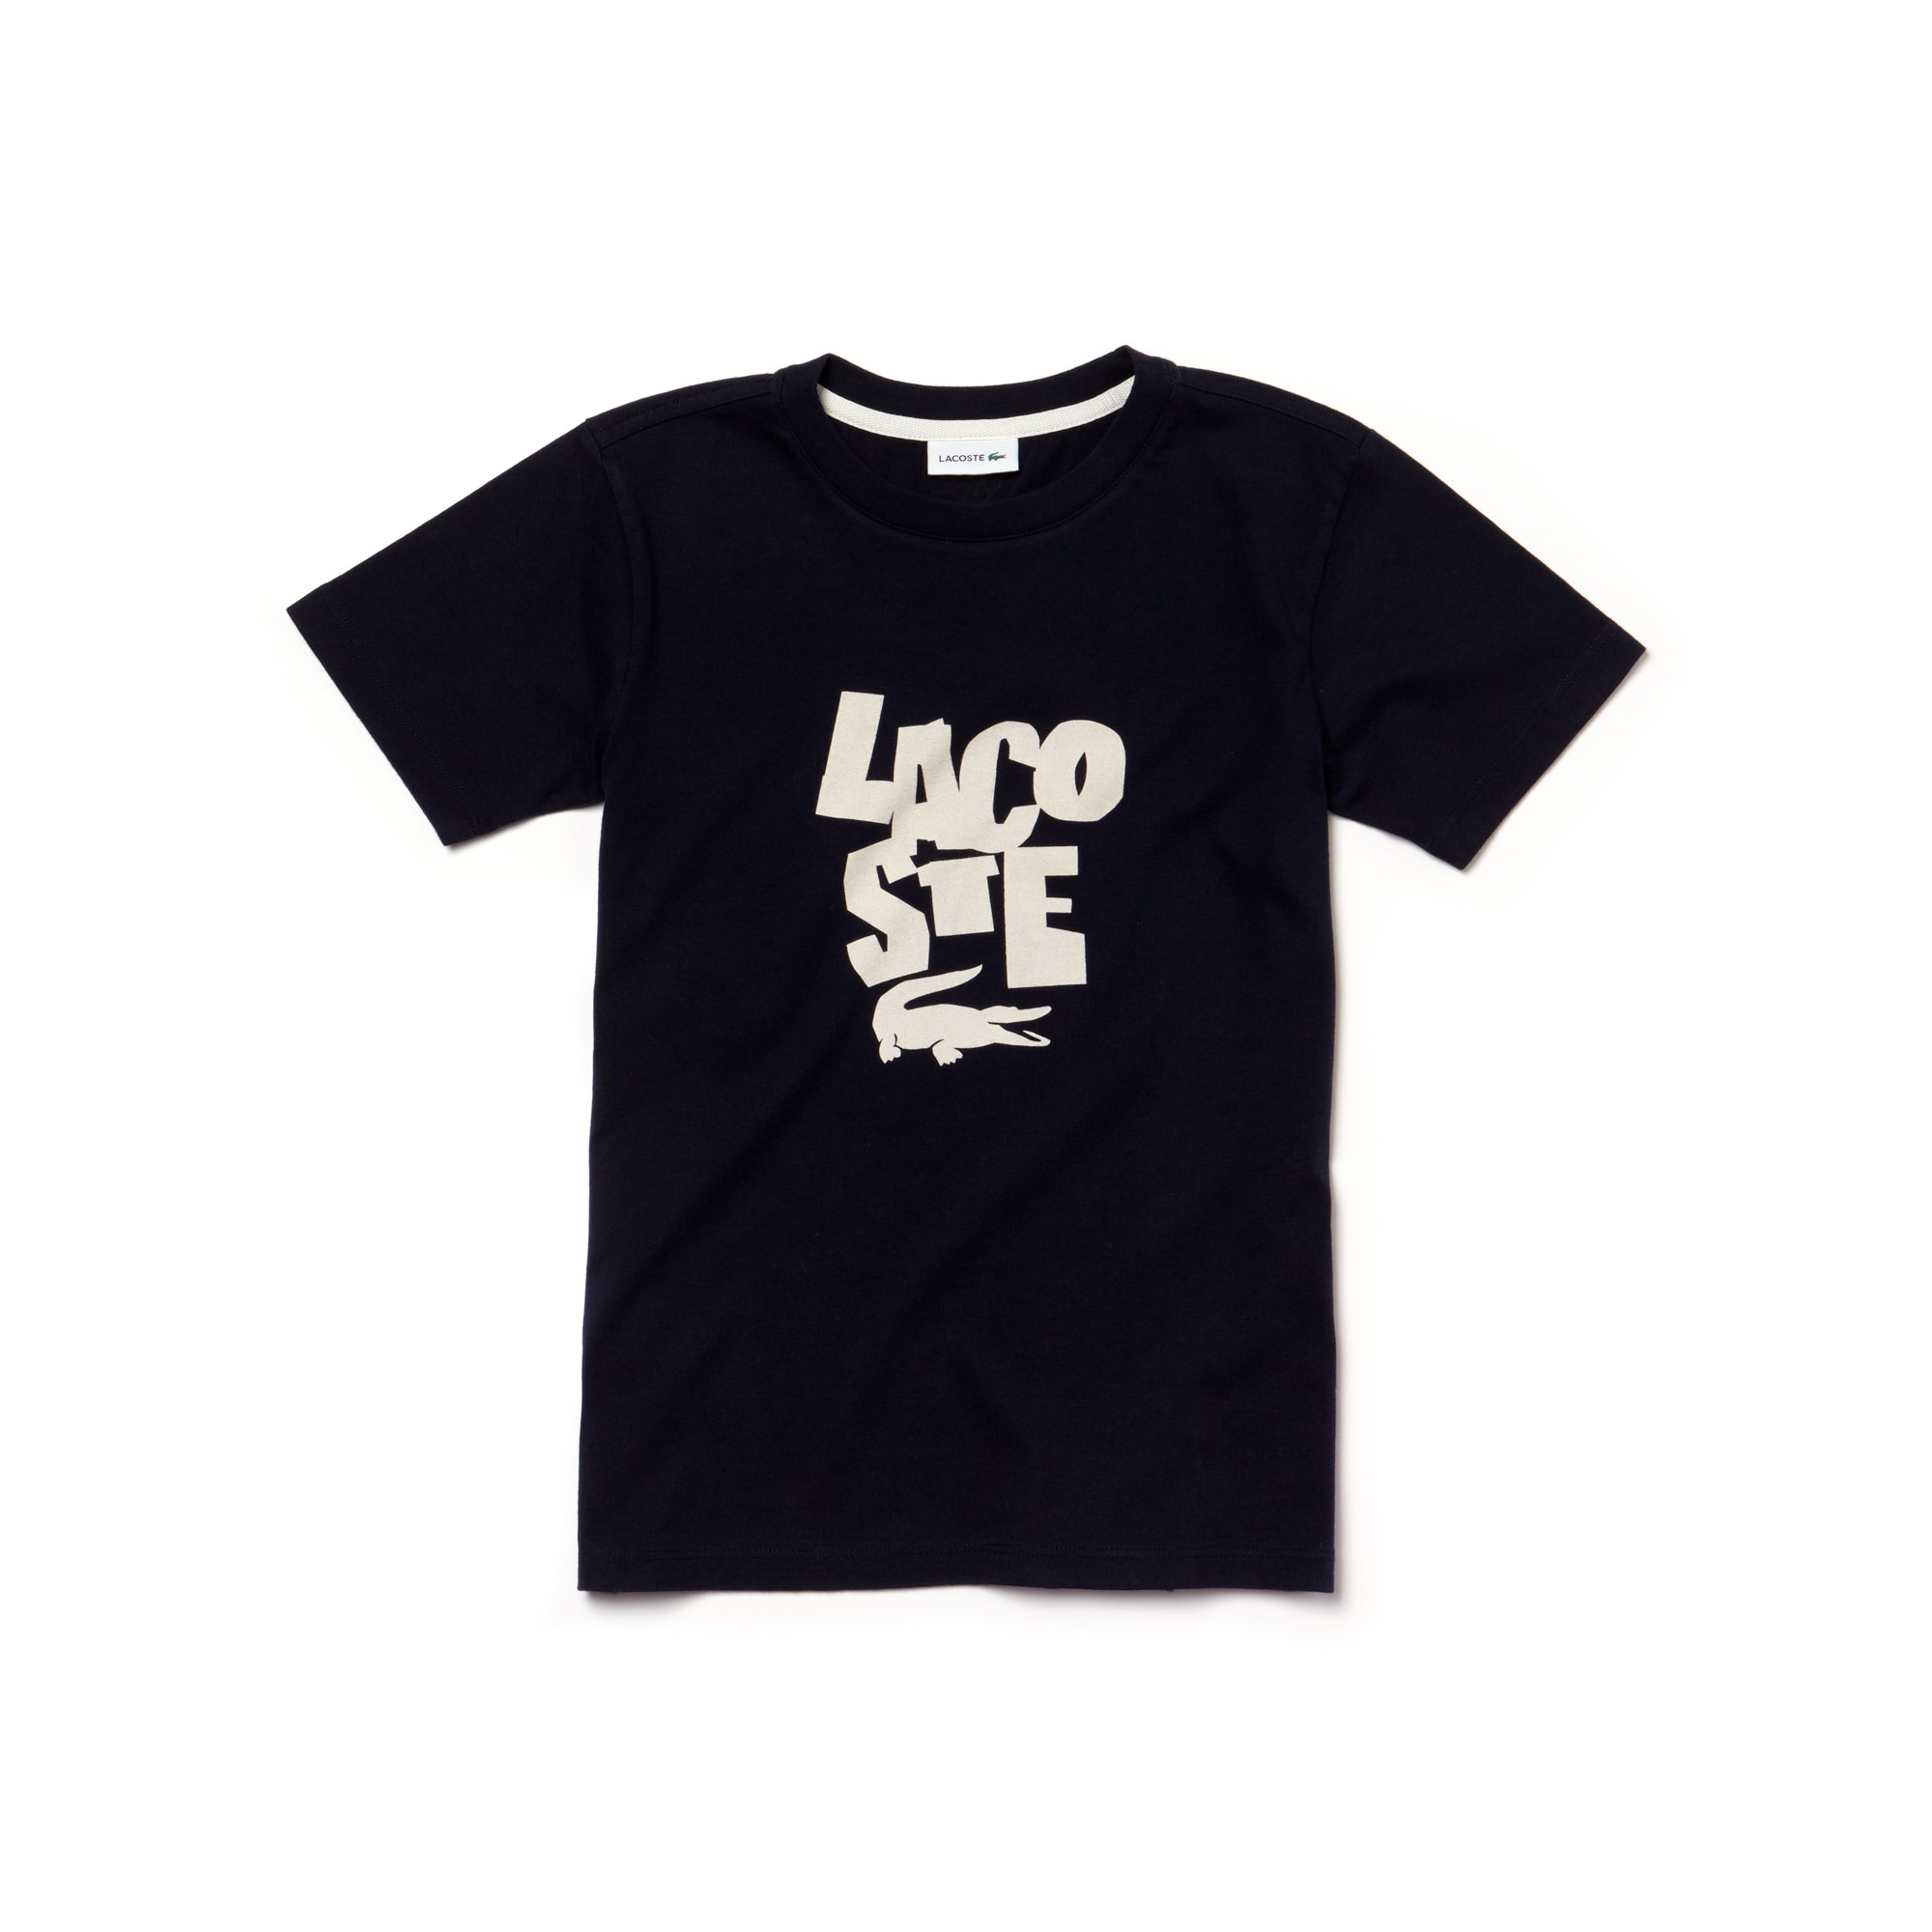 Camiseta De Punto Con Cuello Redondo Para Niño Con Las Letras De La Marca Impresas